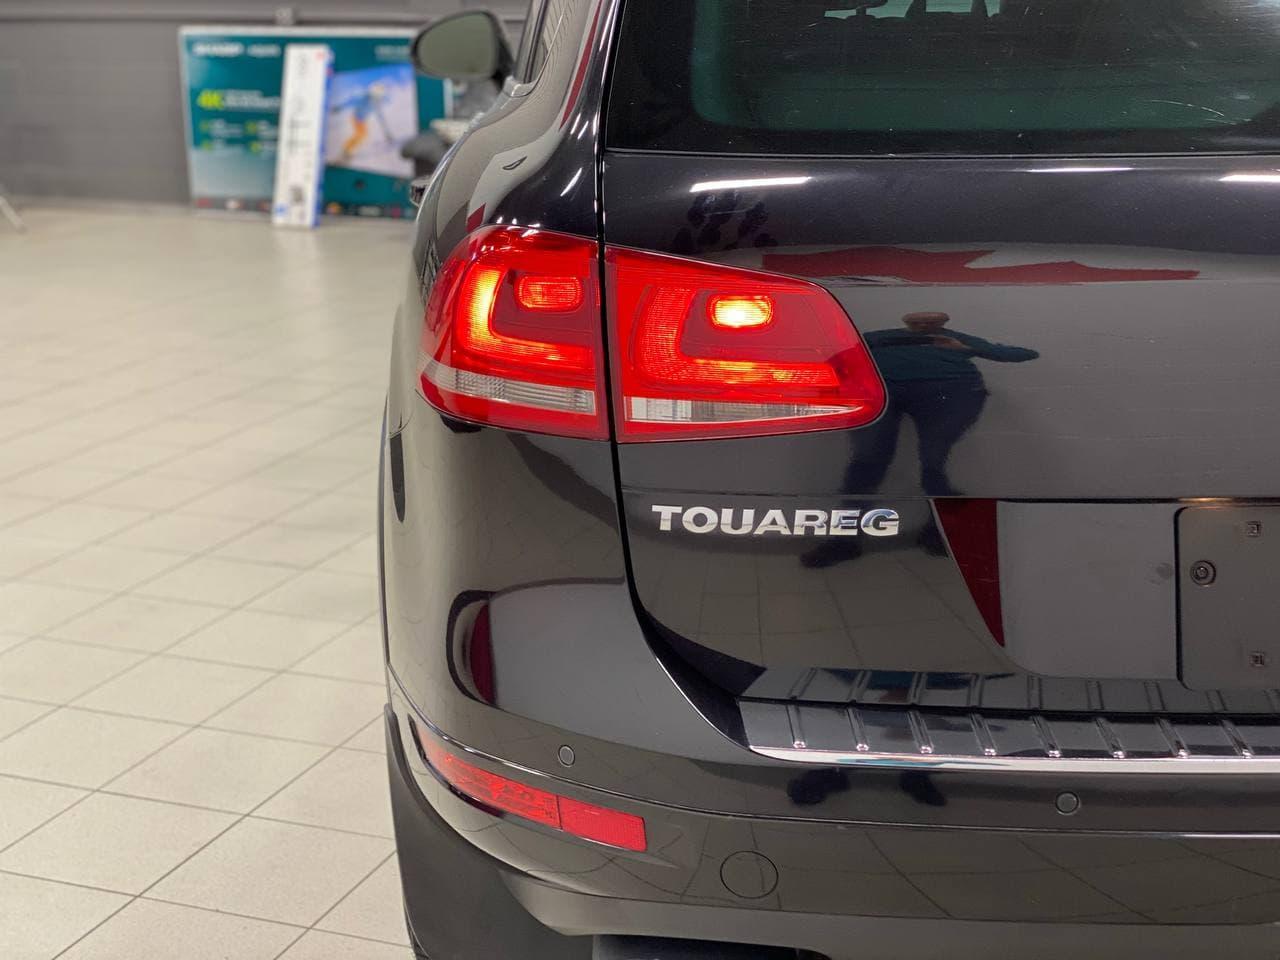 АВТОМОБИЛЬ ПРОДАН 25 ЯНВАРЯ 2021! Volkswagen Touareg TDI, 2012 год — ДИЗЕЛЬ!!! 8 ступенчатая Коробка Автомат!!! Супер Комплектация — HIGHLINE! Пробег всего 156,000 км!!! ЭТОТ ТУАРЕГ ПОСЛЕ ЧИП ТЮНИНГА «STAGE 1» full